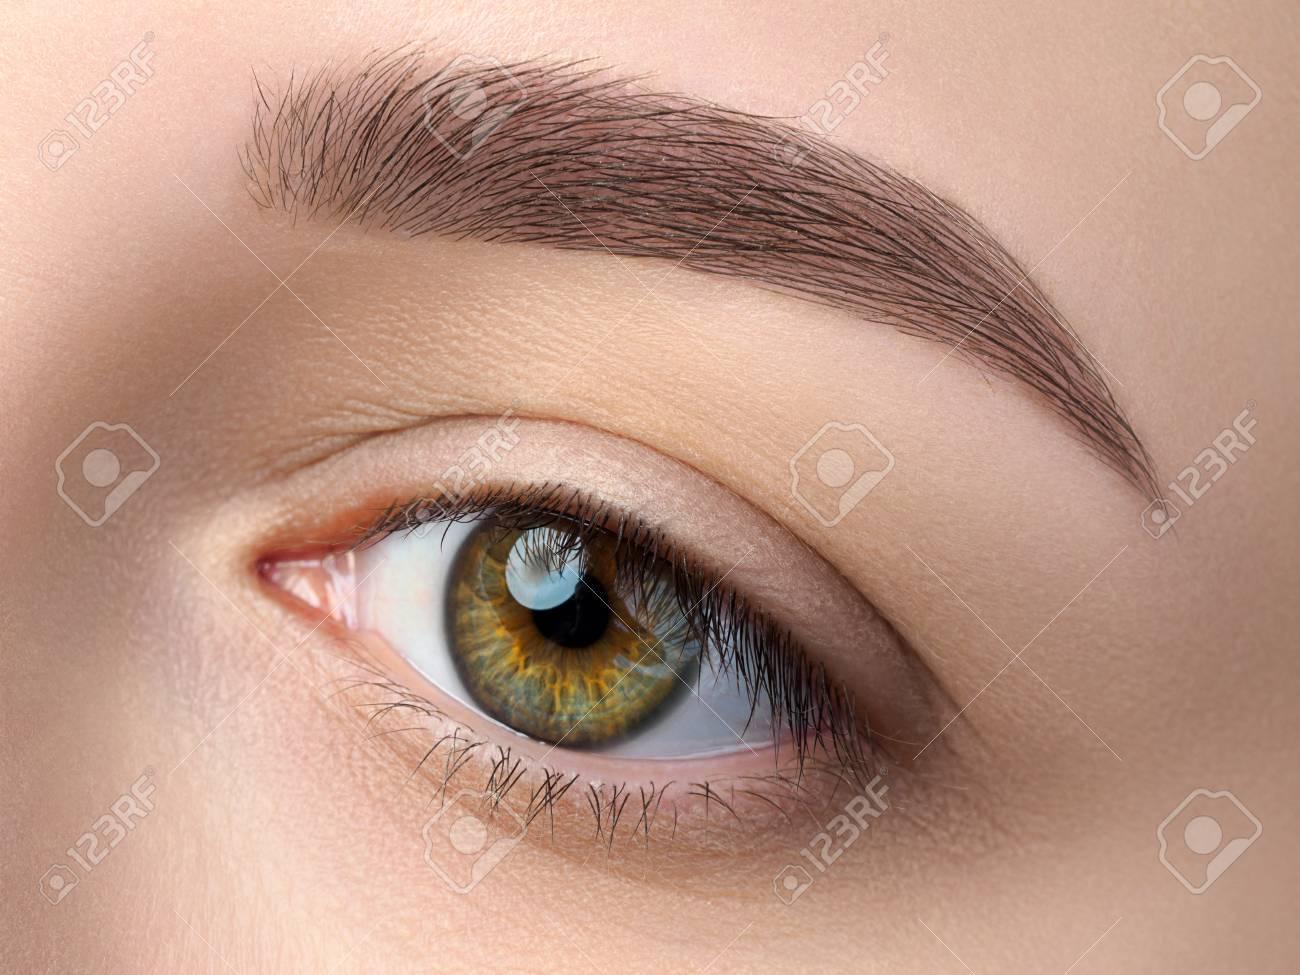 49de0ff967 Cerrar la vista del hermoso ojo femenino verde. Ceja de moda perfecta.  Buena visión